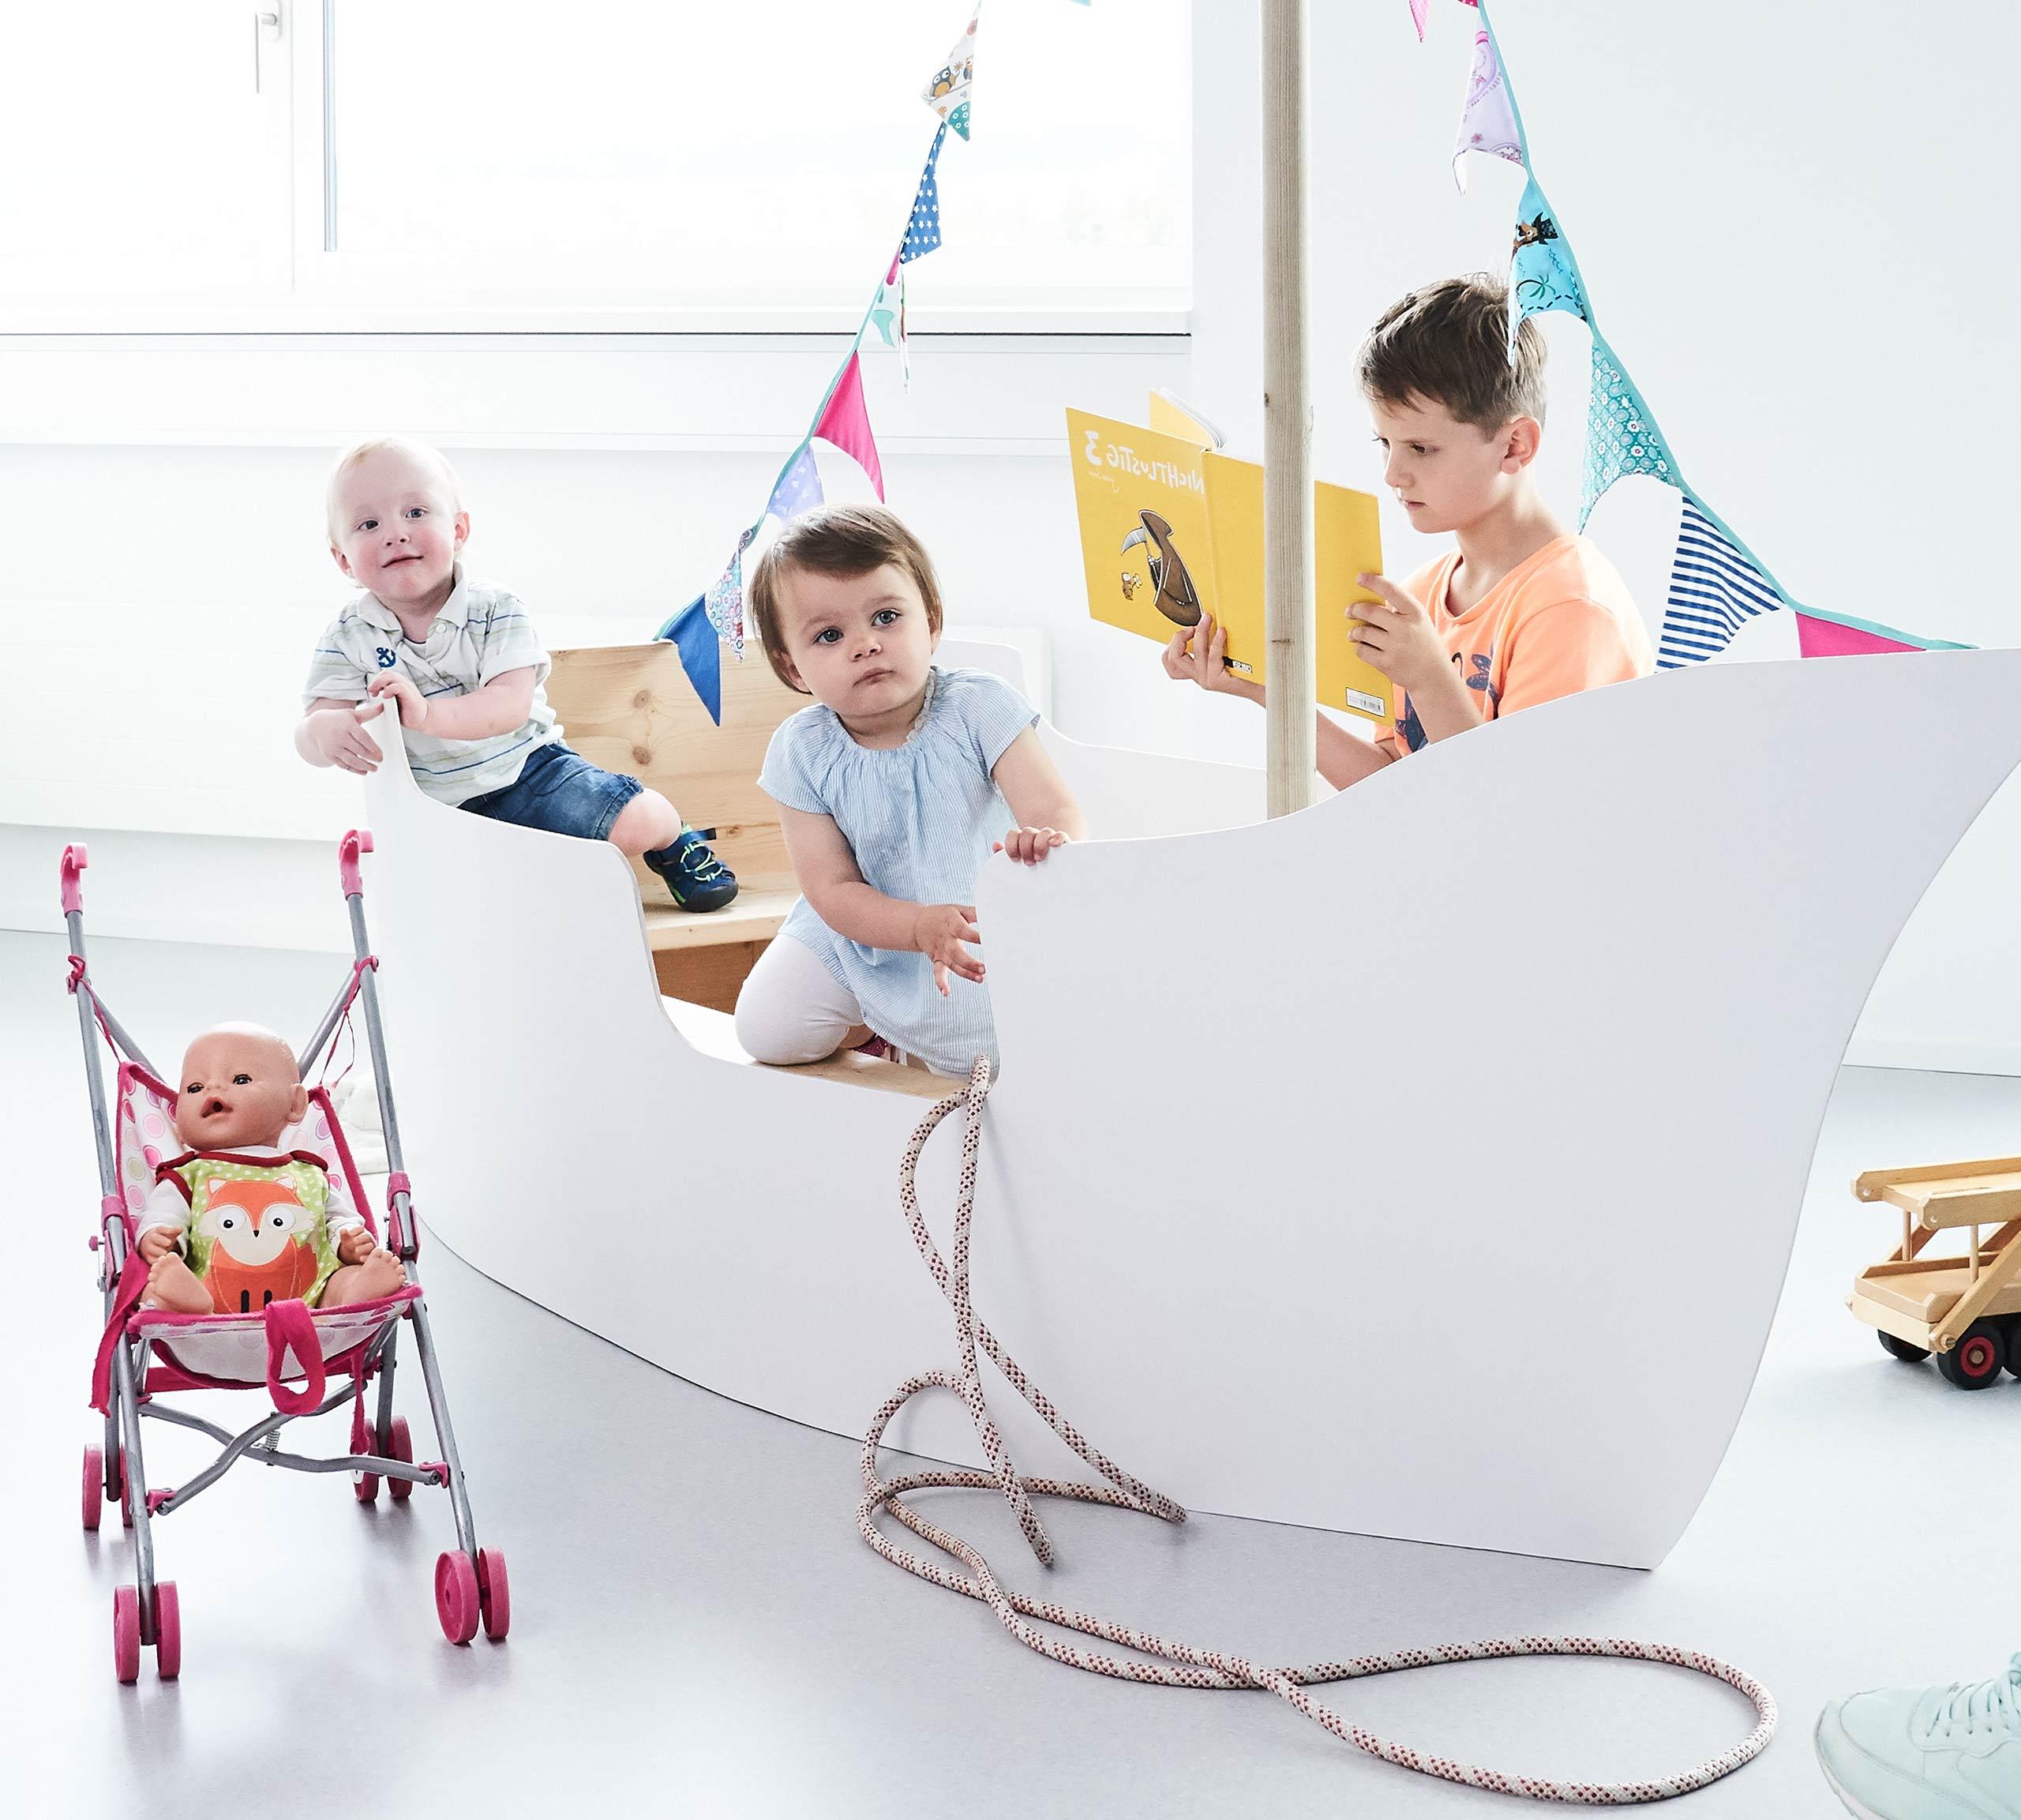 Kinder spielen im Wartezimmer